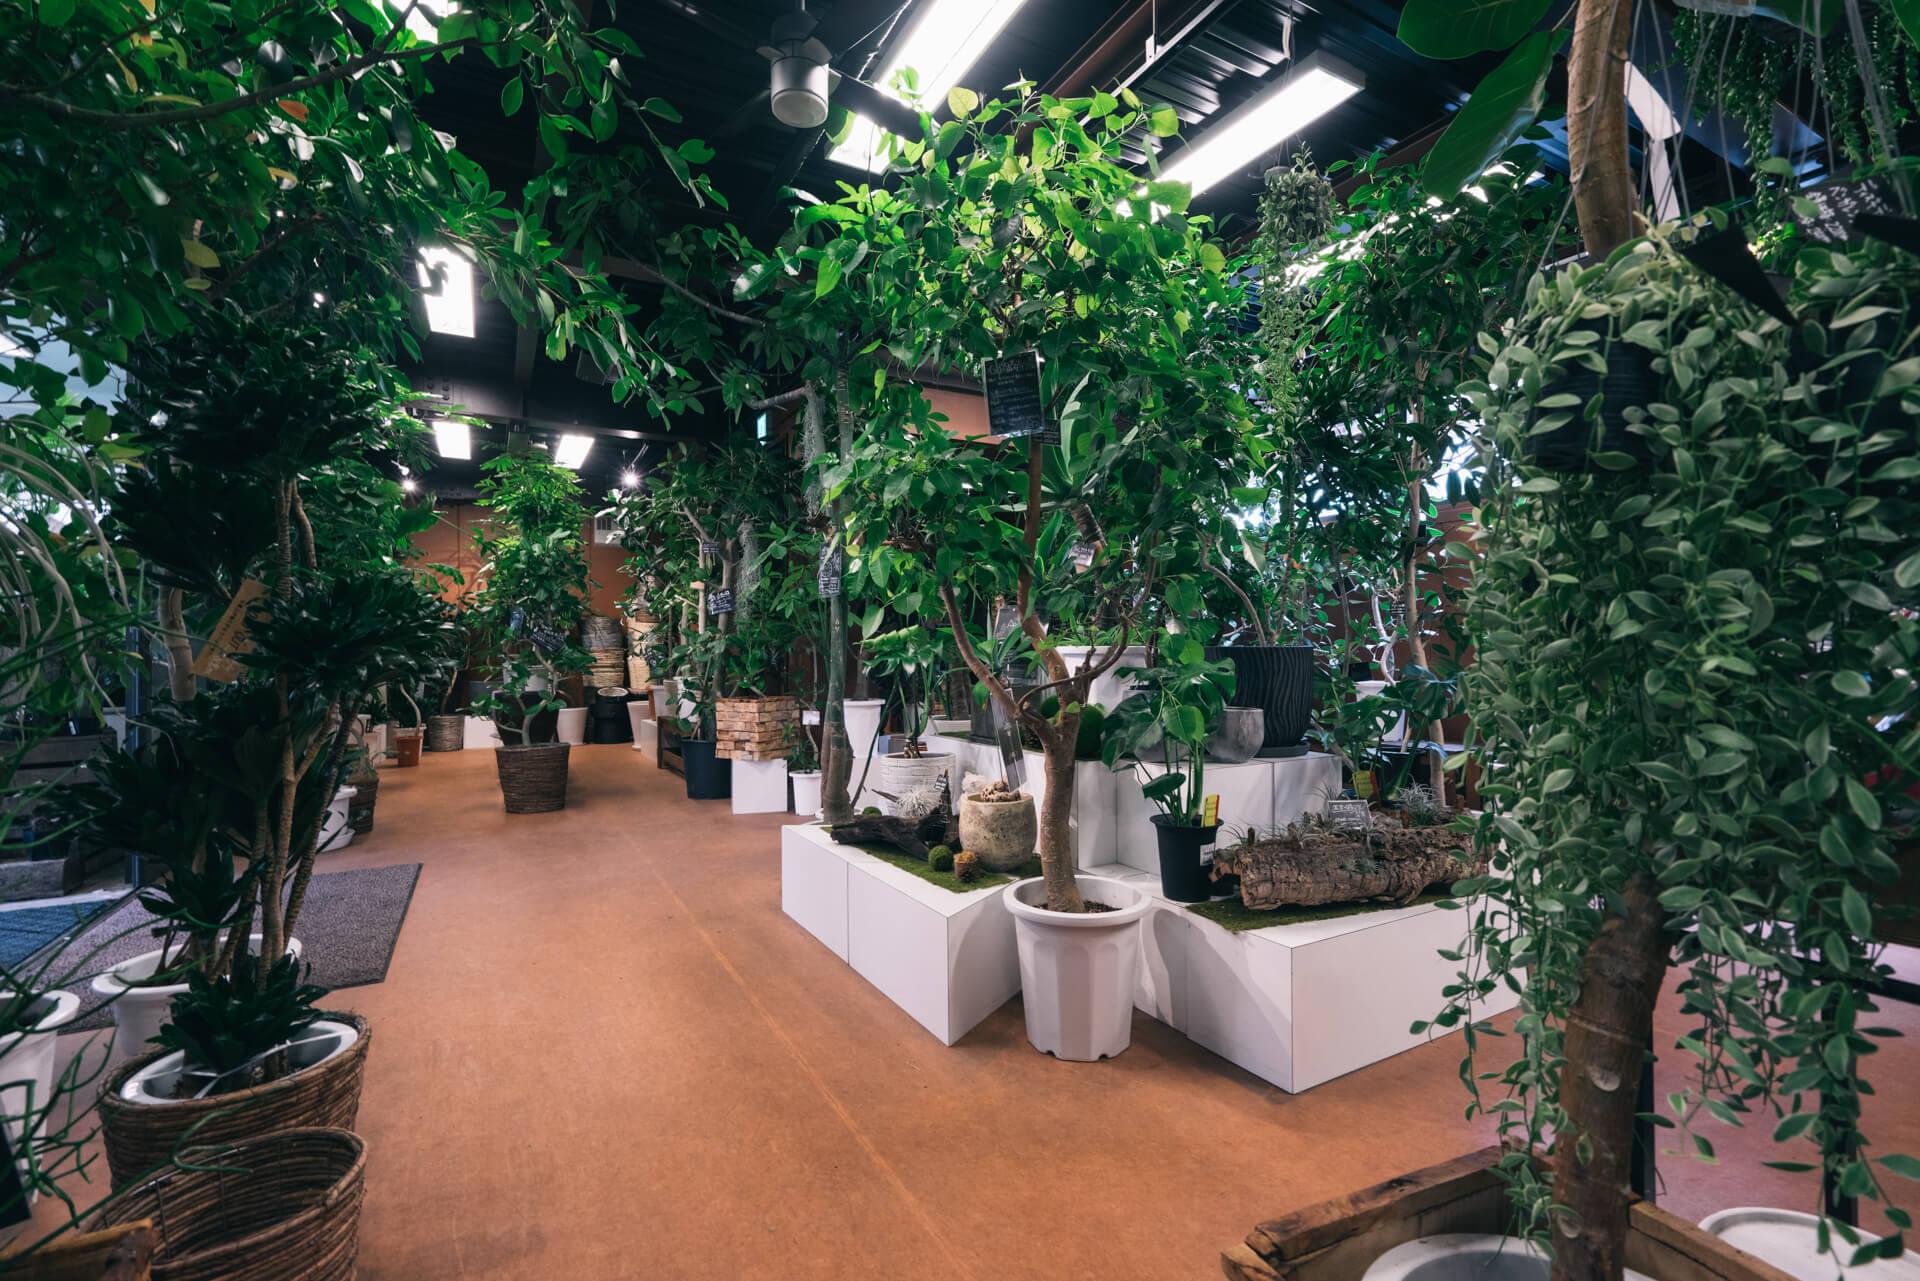 1階は主に10号サイズ以上の大型植物がずらりと並ぶ、迫力ある空間。